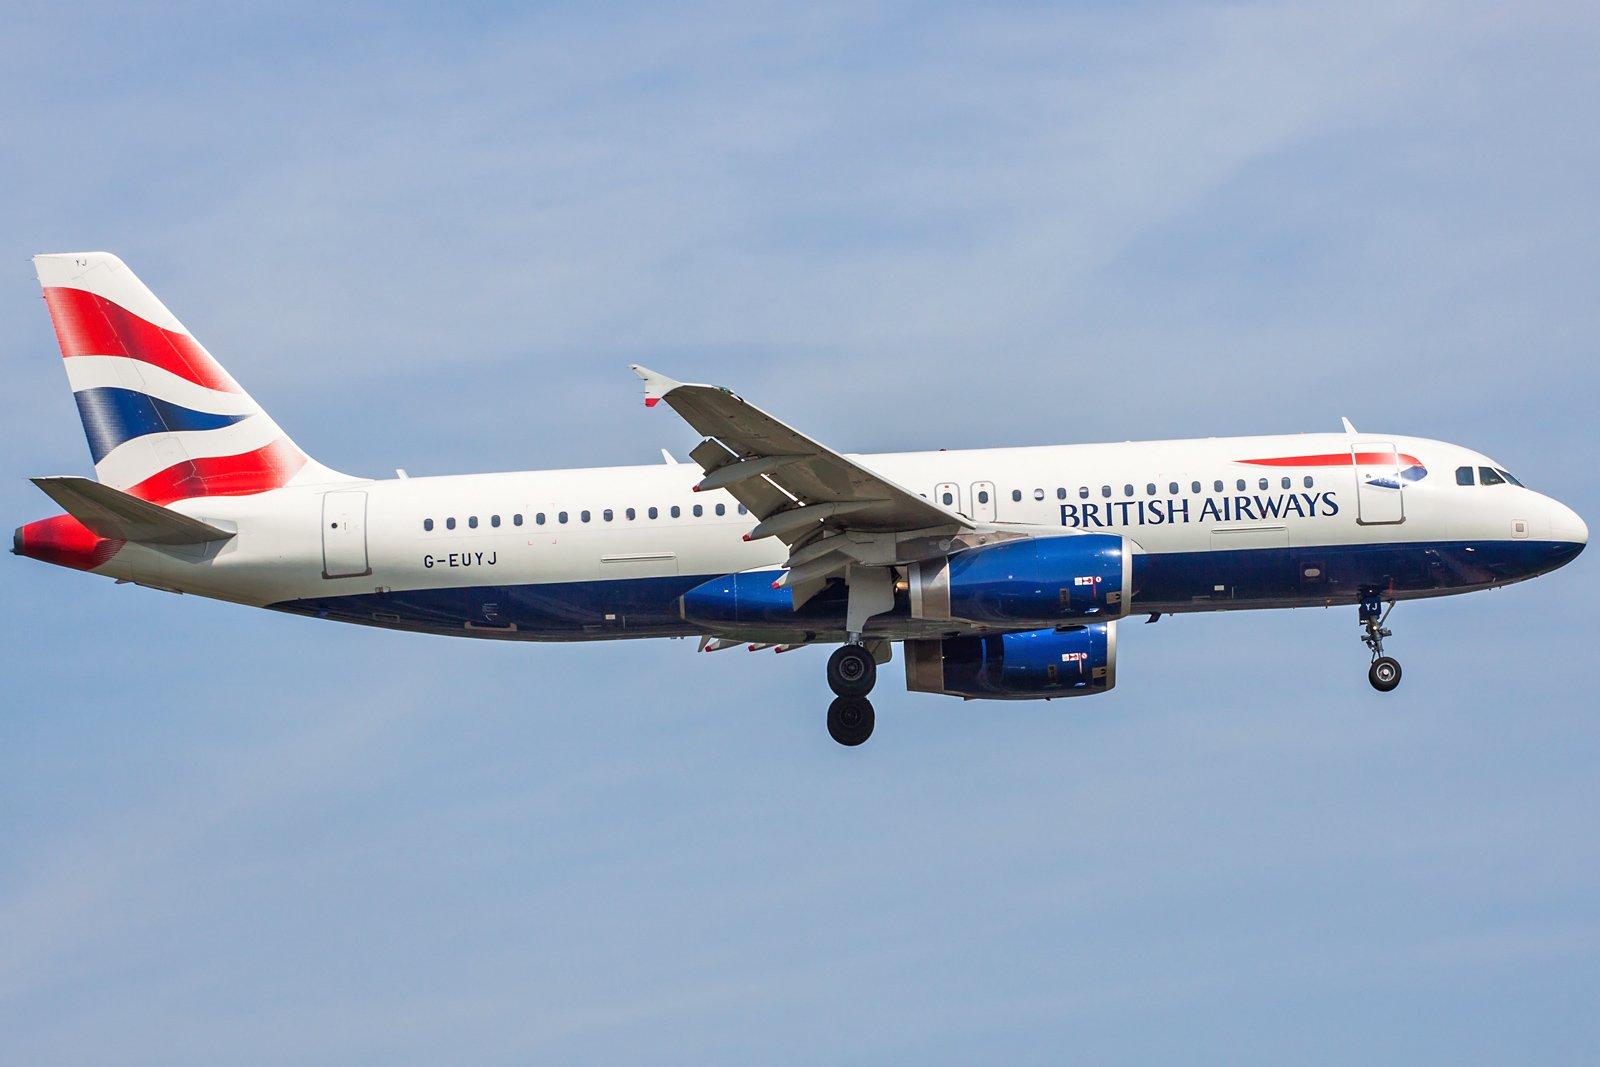 British Airways Airbus A320-232 G-EUYJ